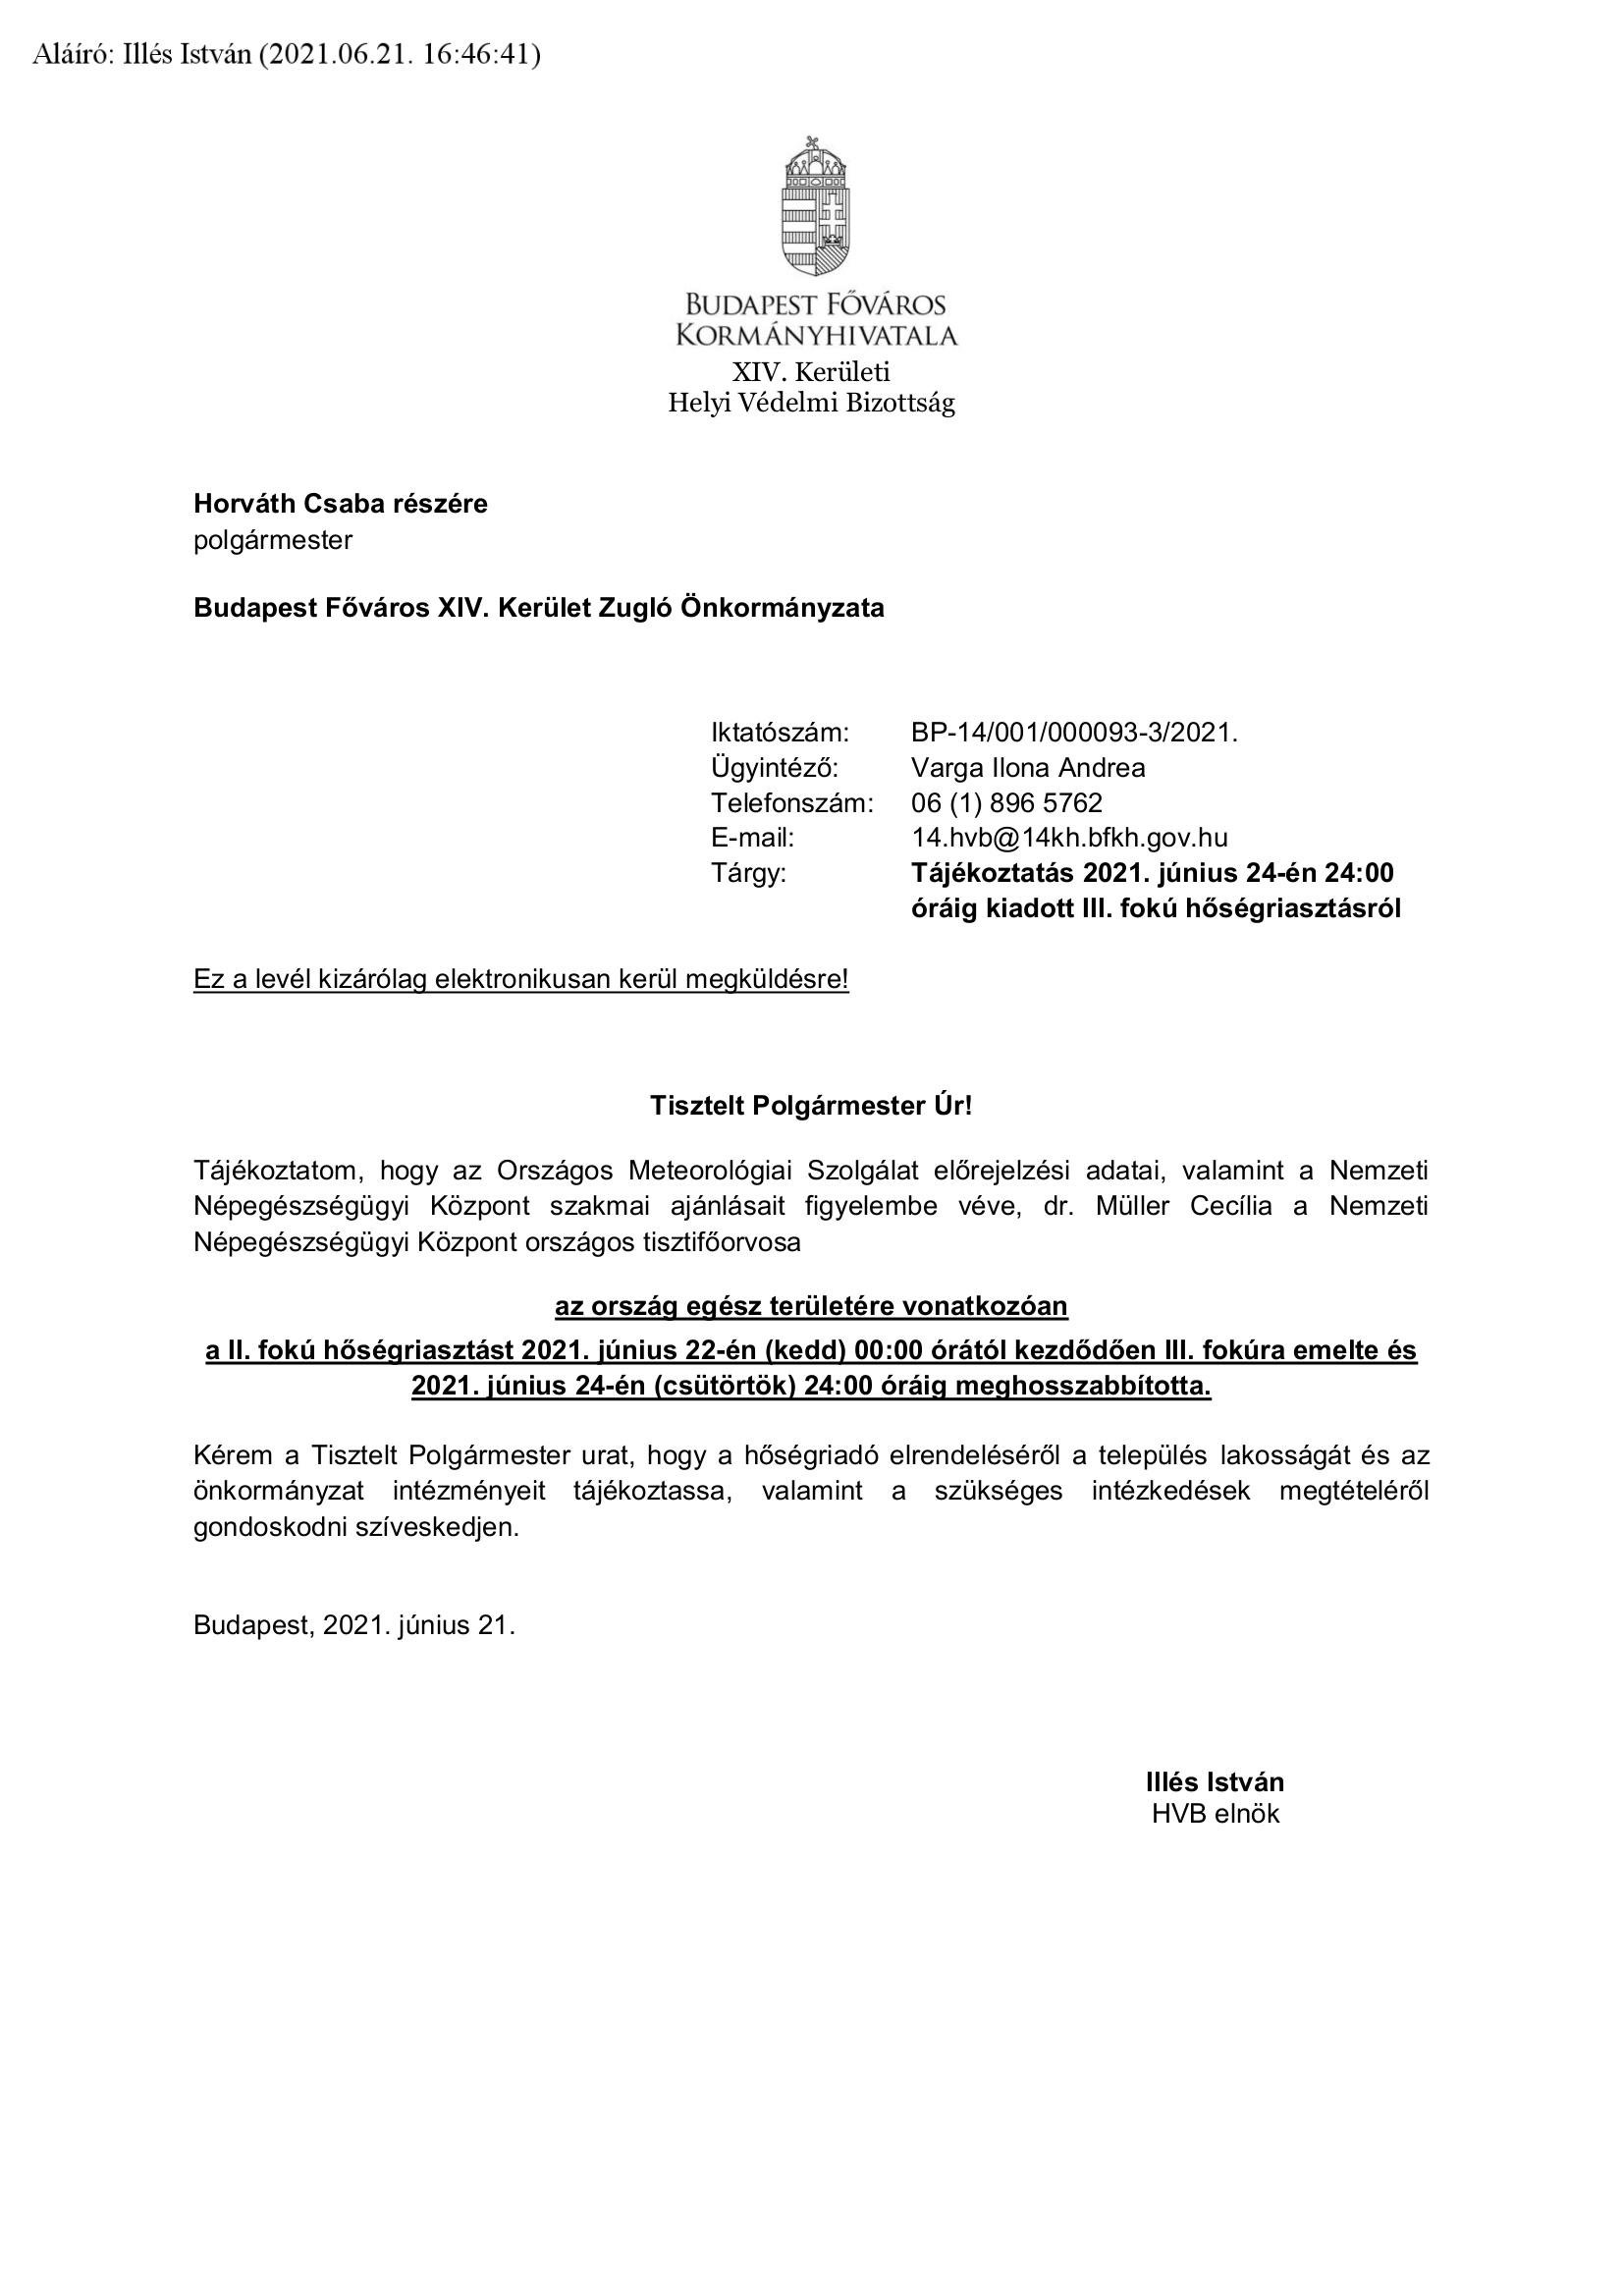 Tájékoztató levél - fotó